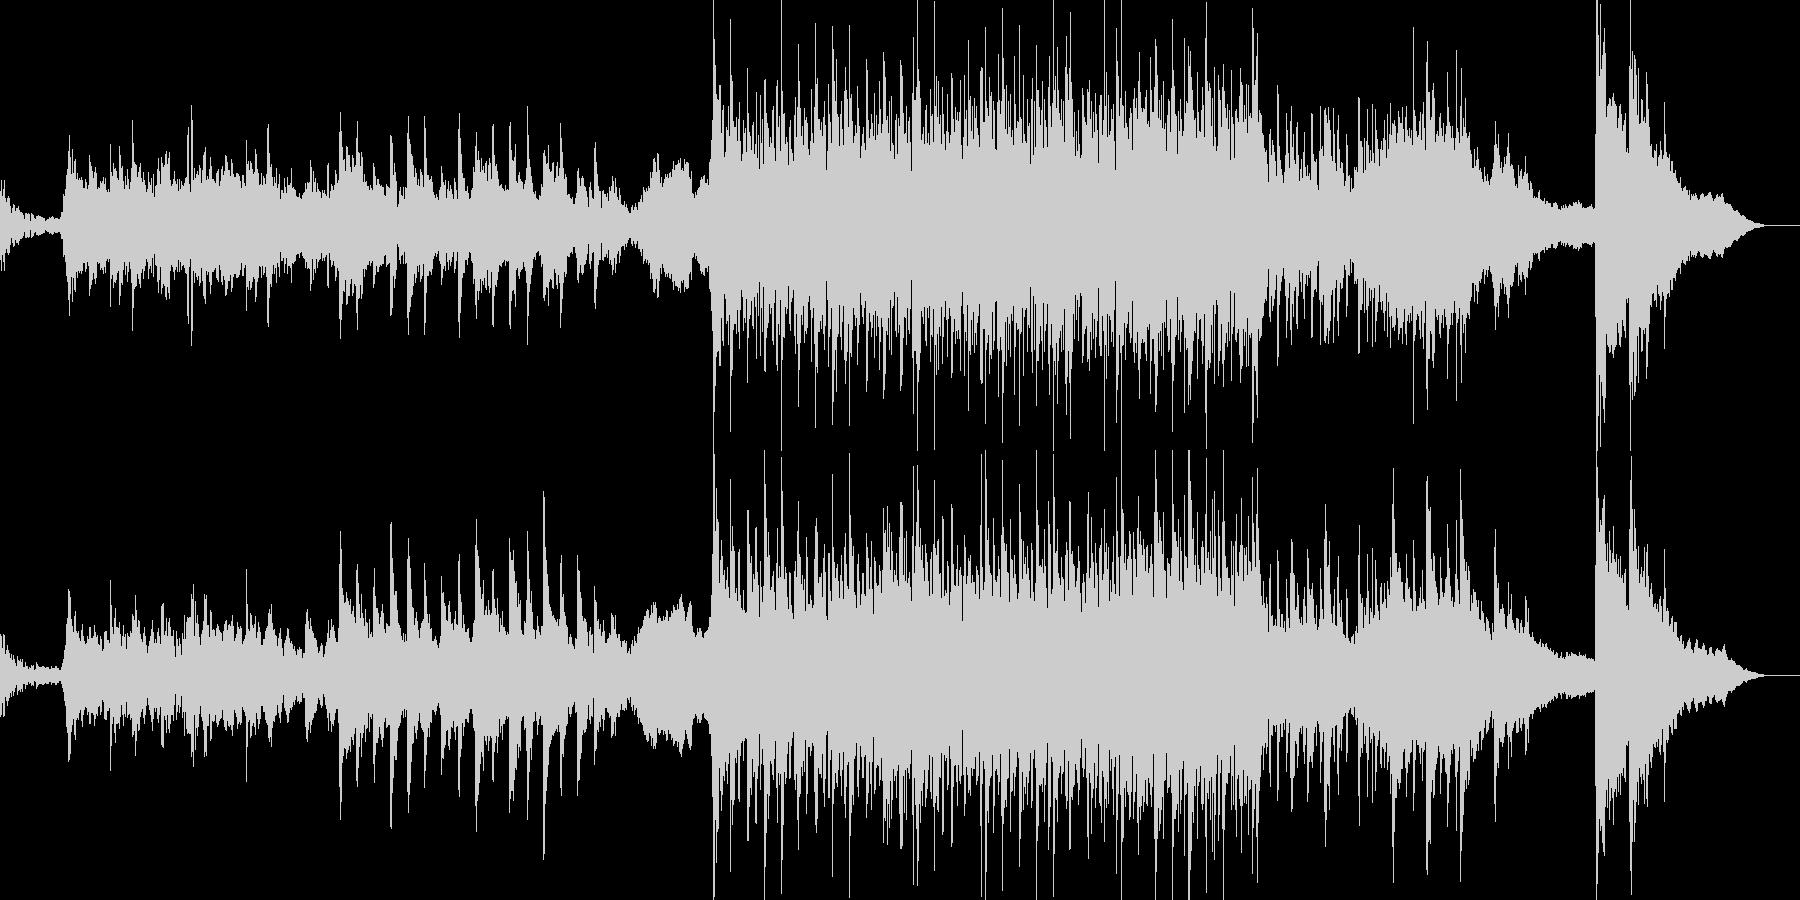 プログレッシブ 交響曲 未来 テク...の未再生の波形